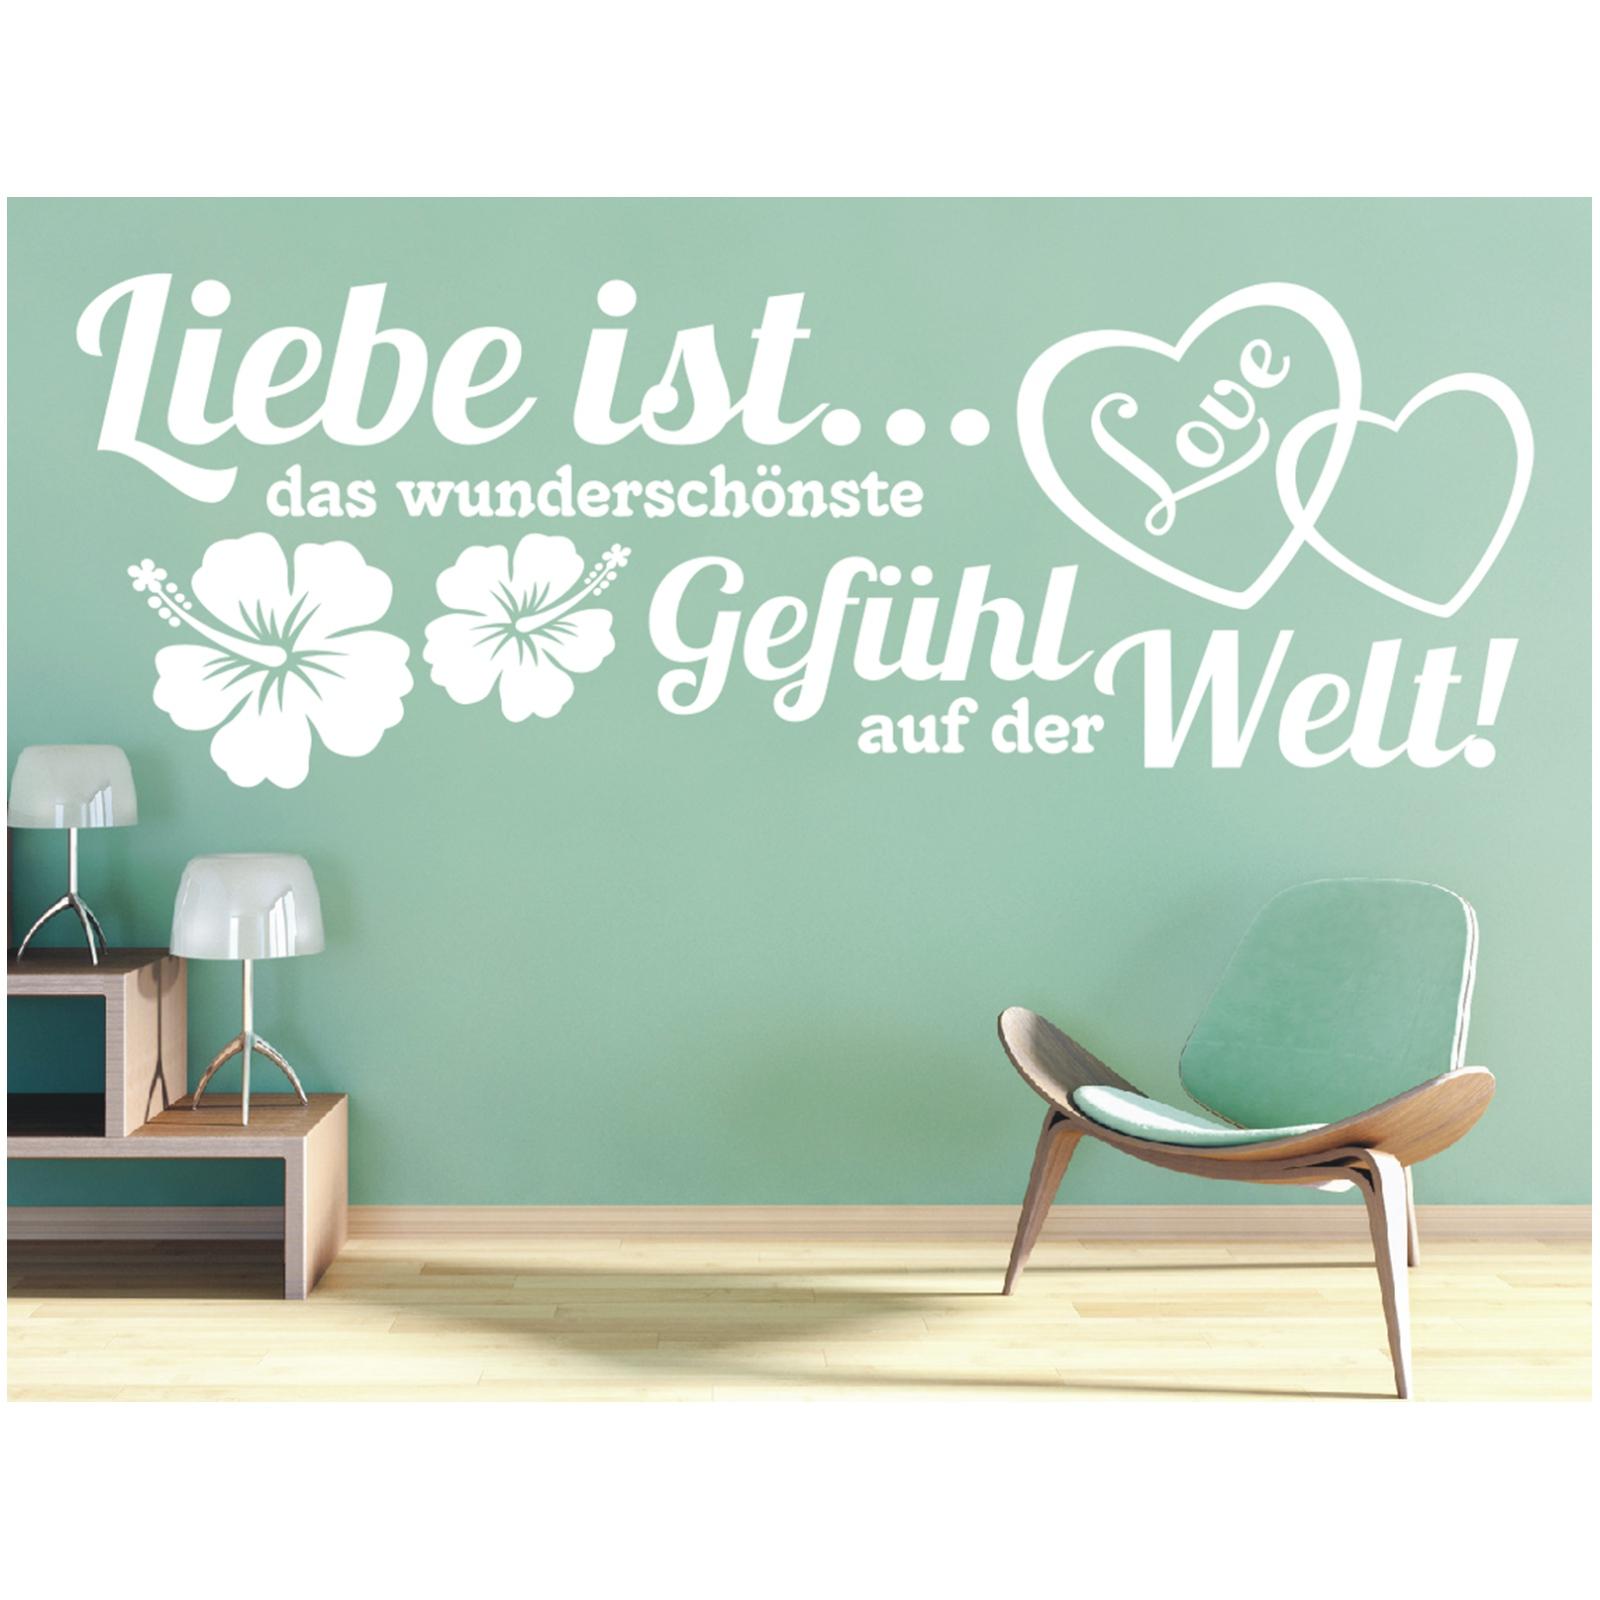 Künstlerisch Wandtattoo Welt Ideen Von Spruch Liebe Ist Gefühl Wandsticker Wandaufkleber Sticker